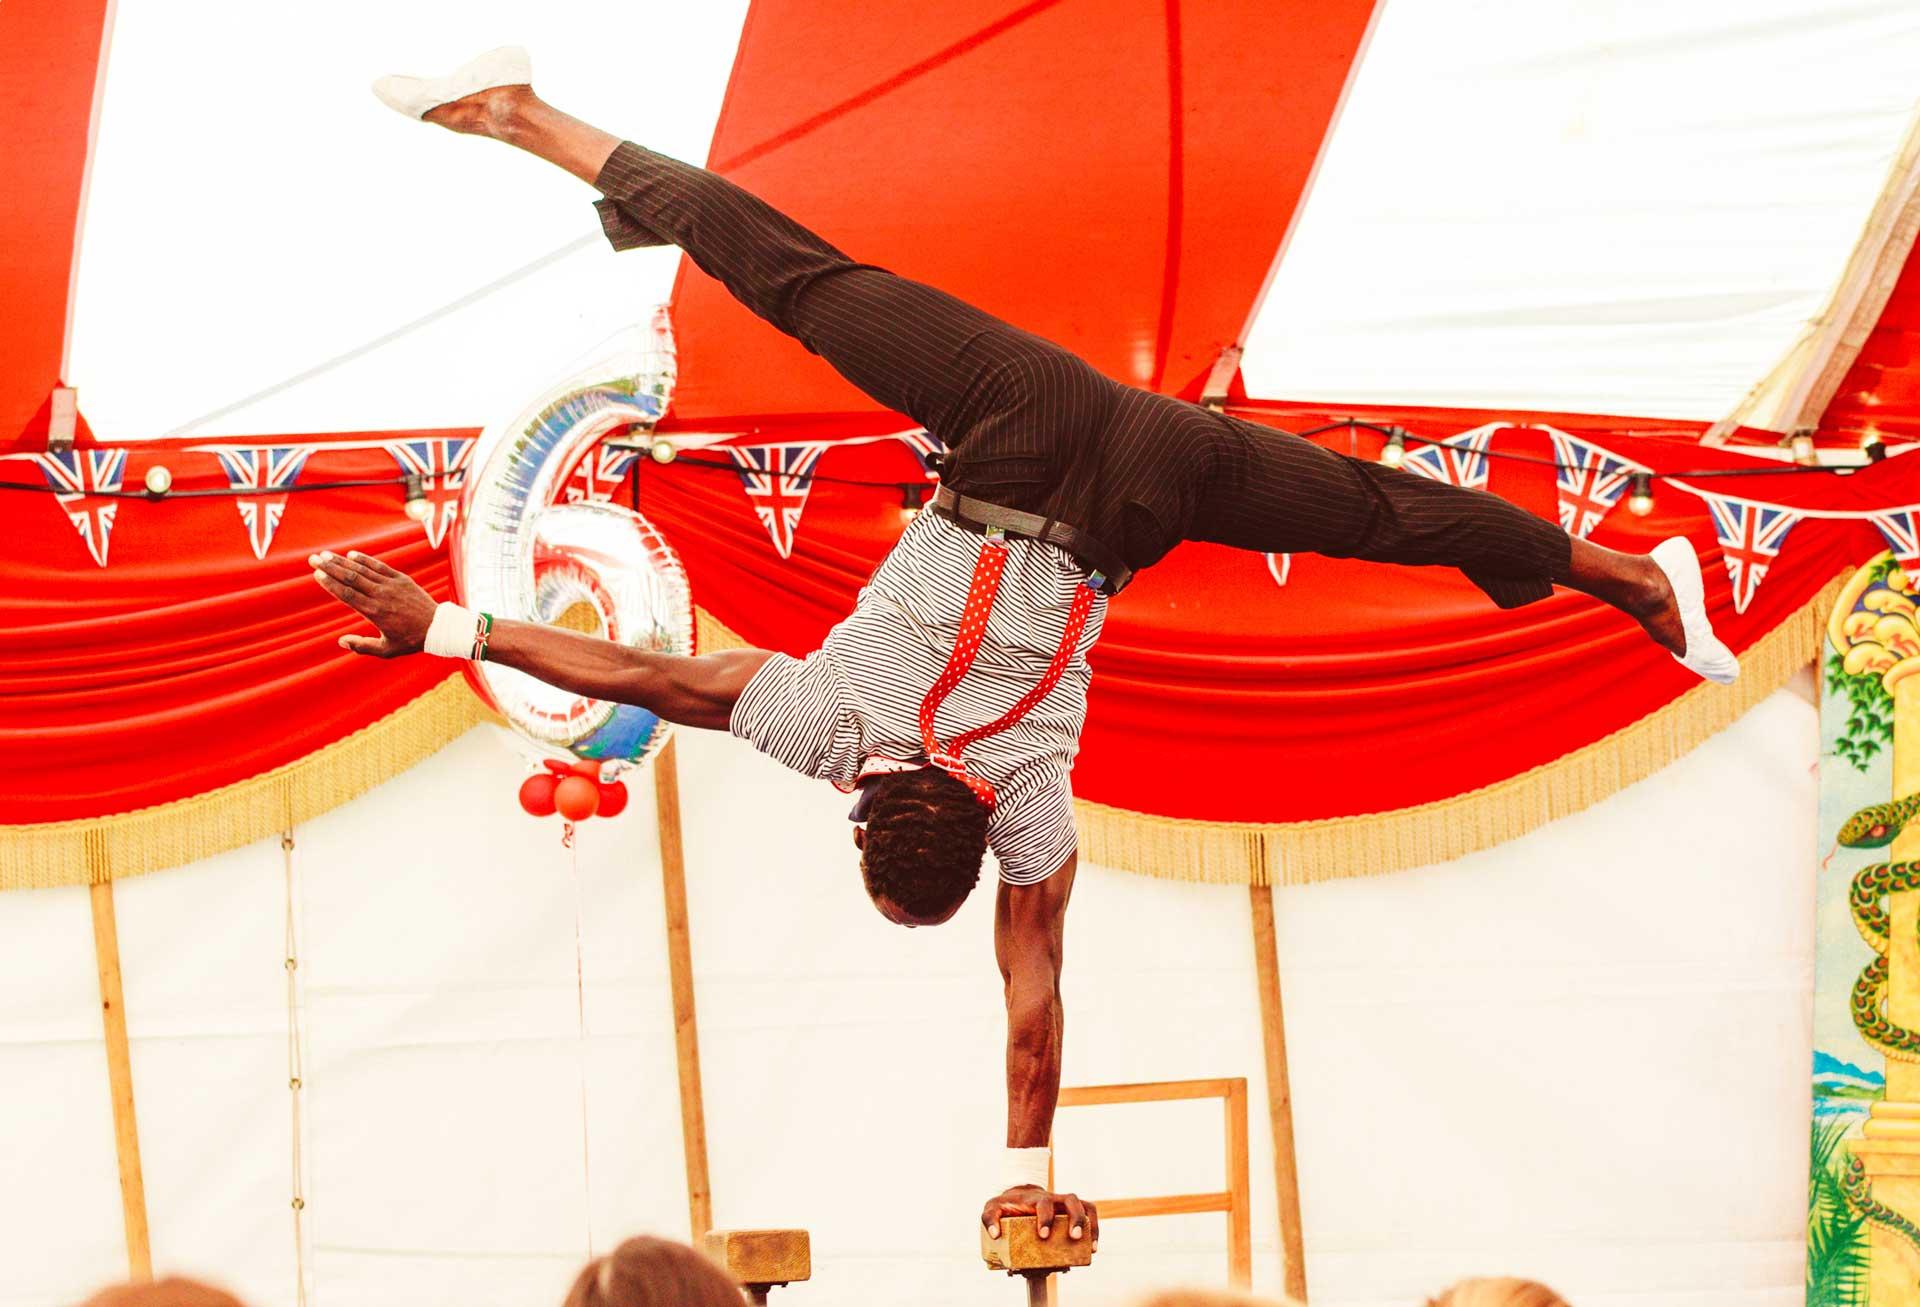 hand balancer at a big top circus party